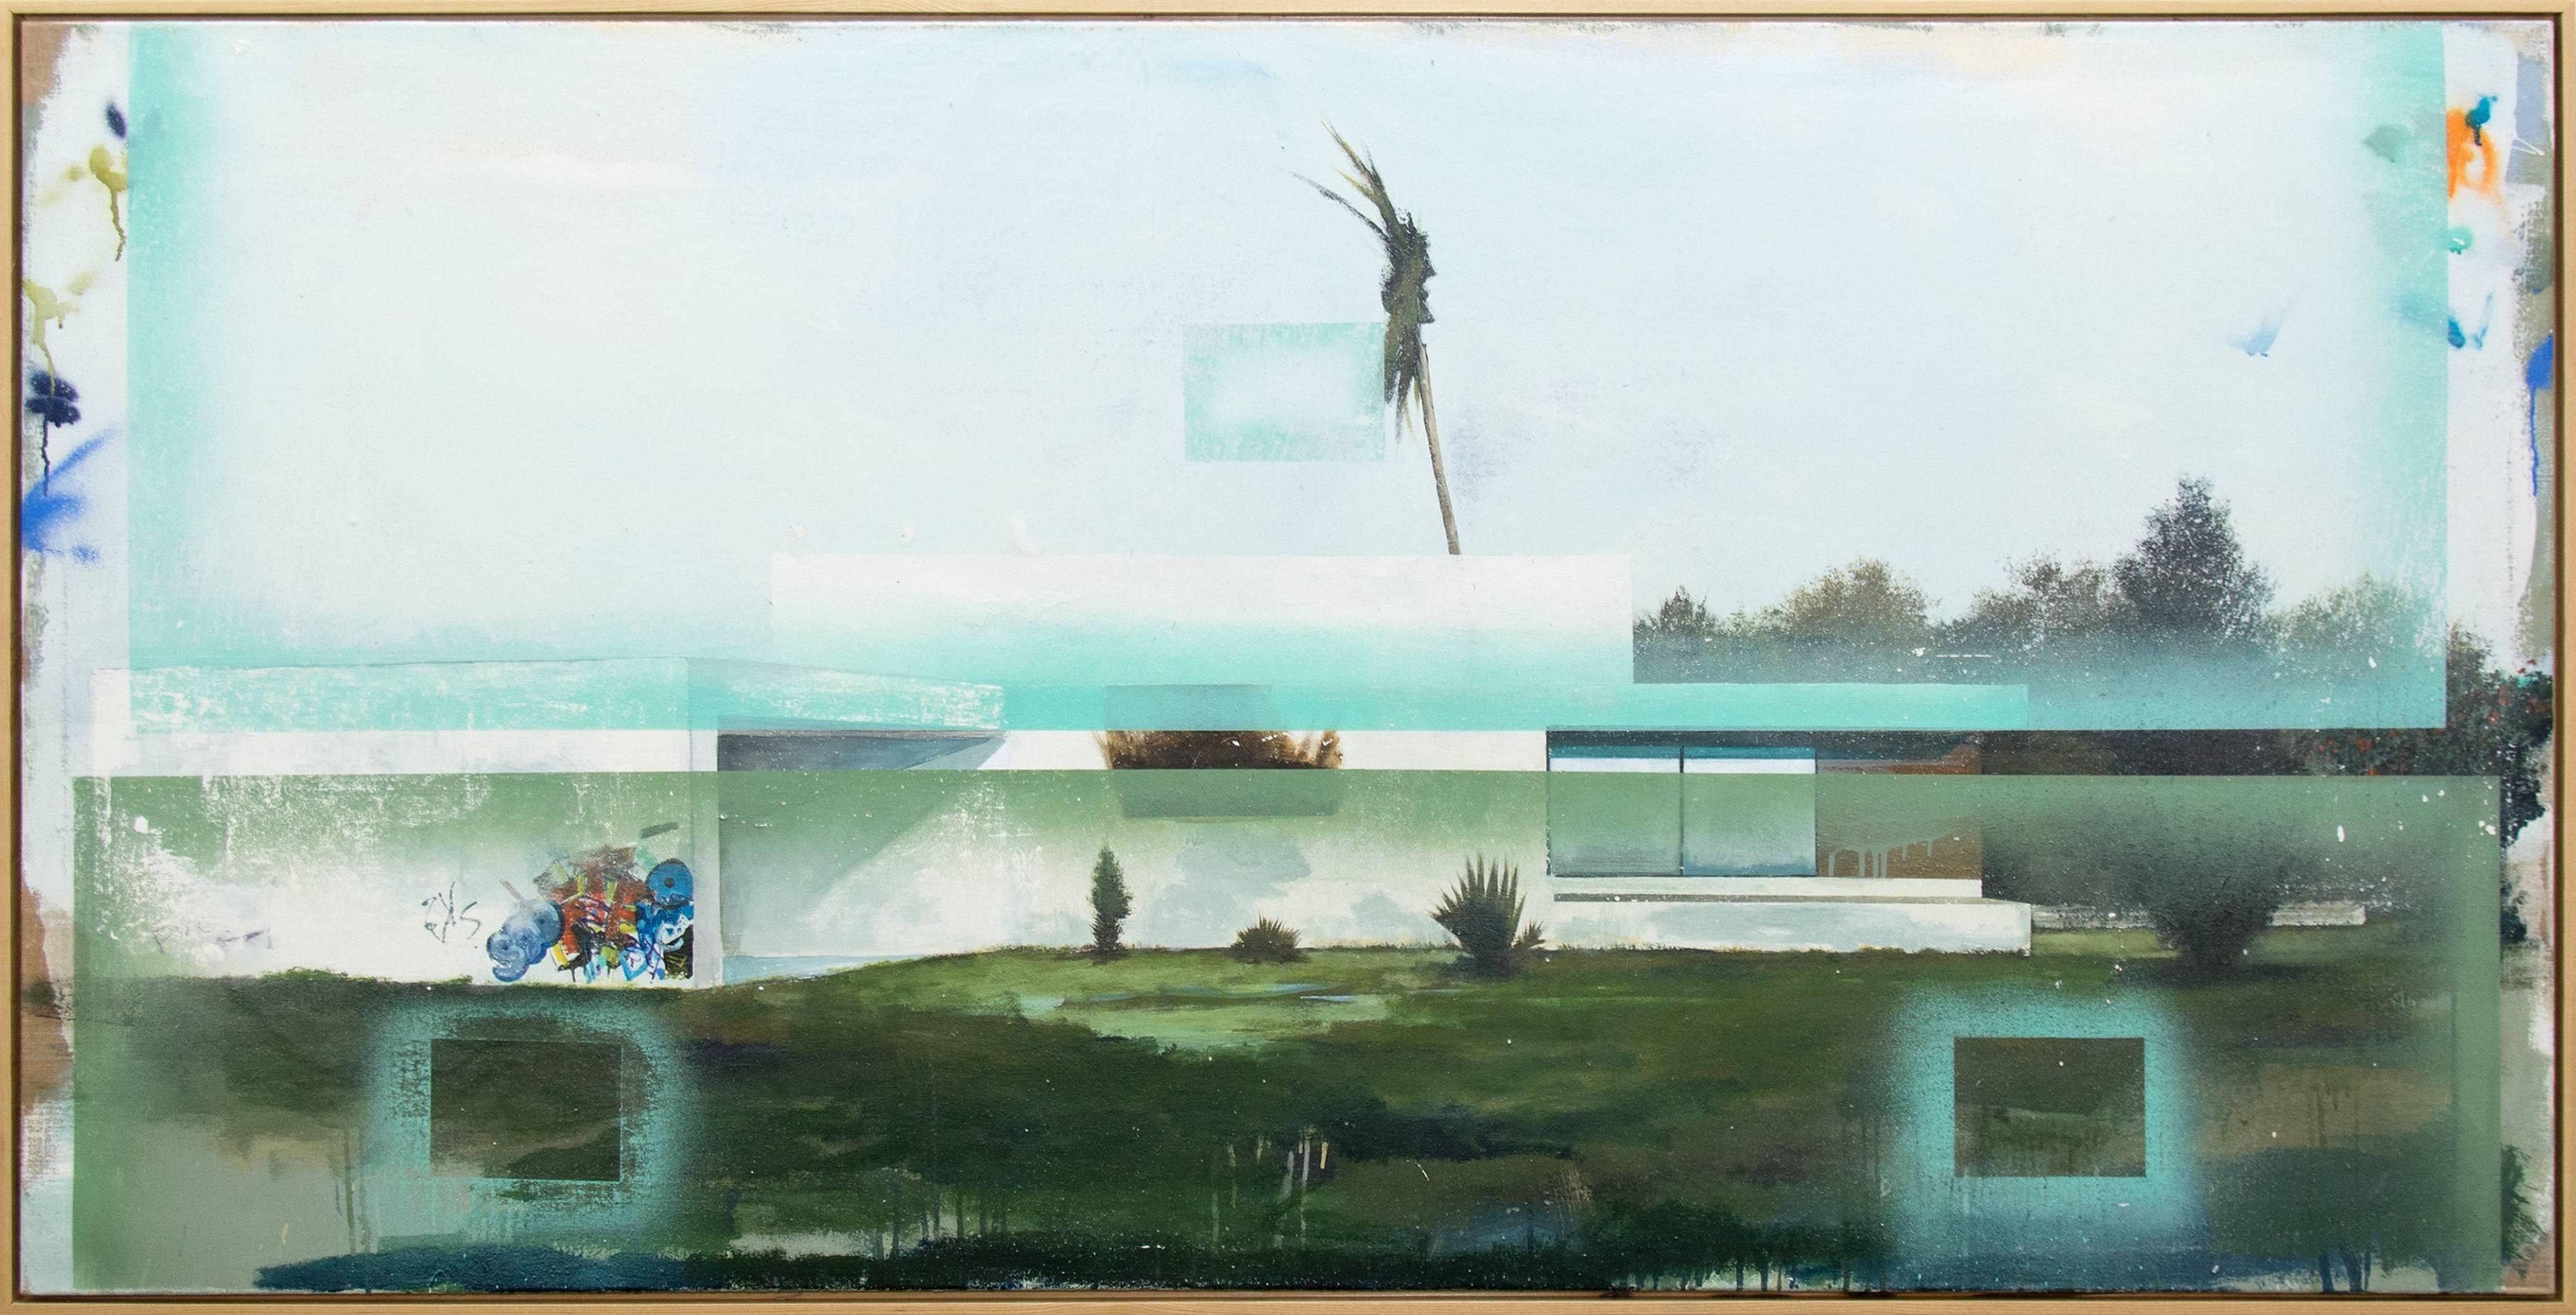 Illuminati - large, blue, architecture, deconstruction, mixed media on linen